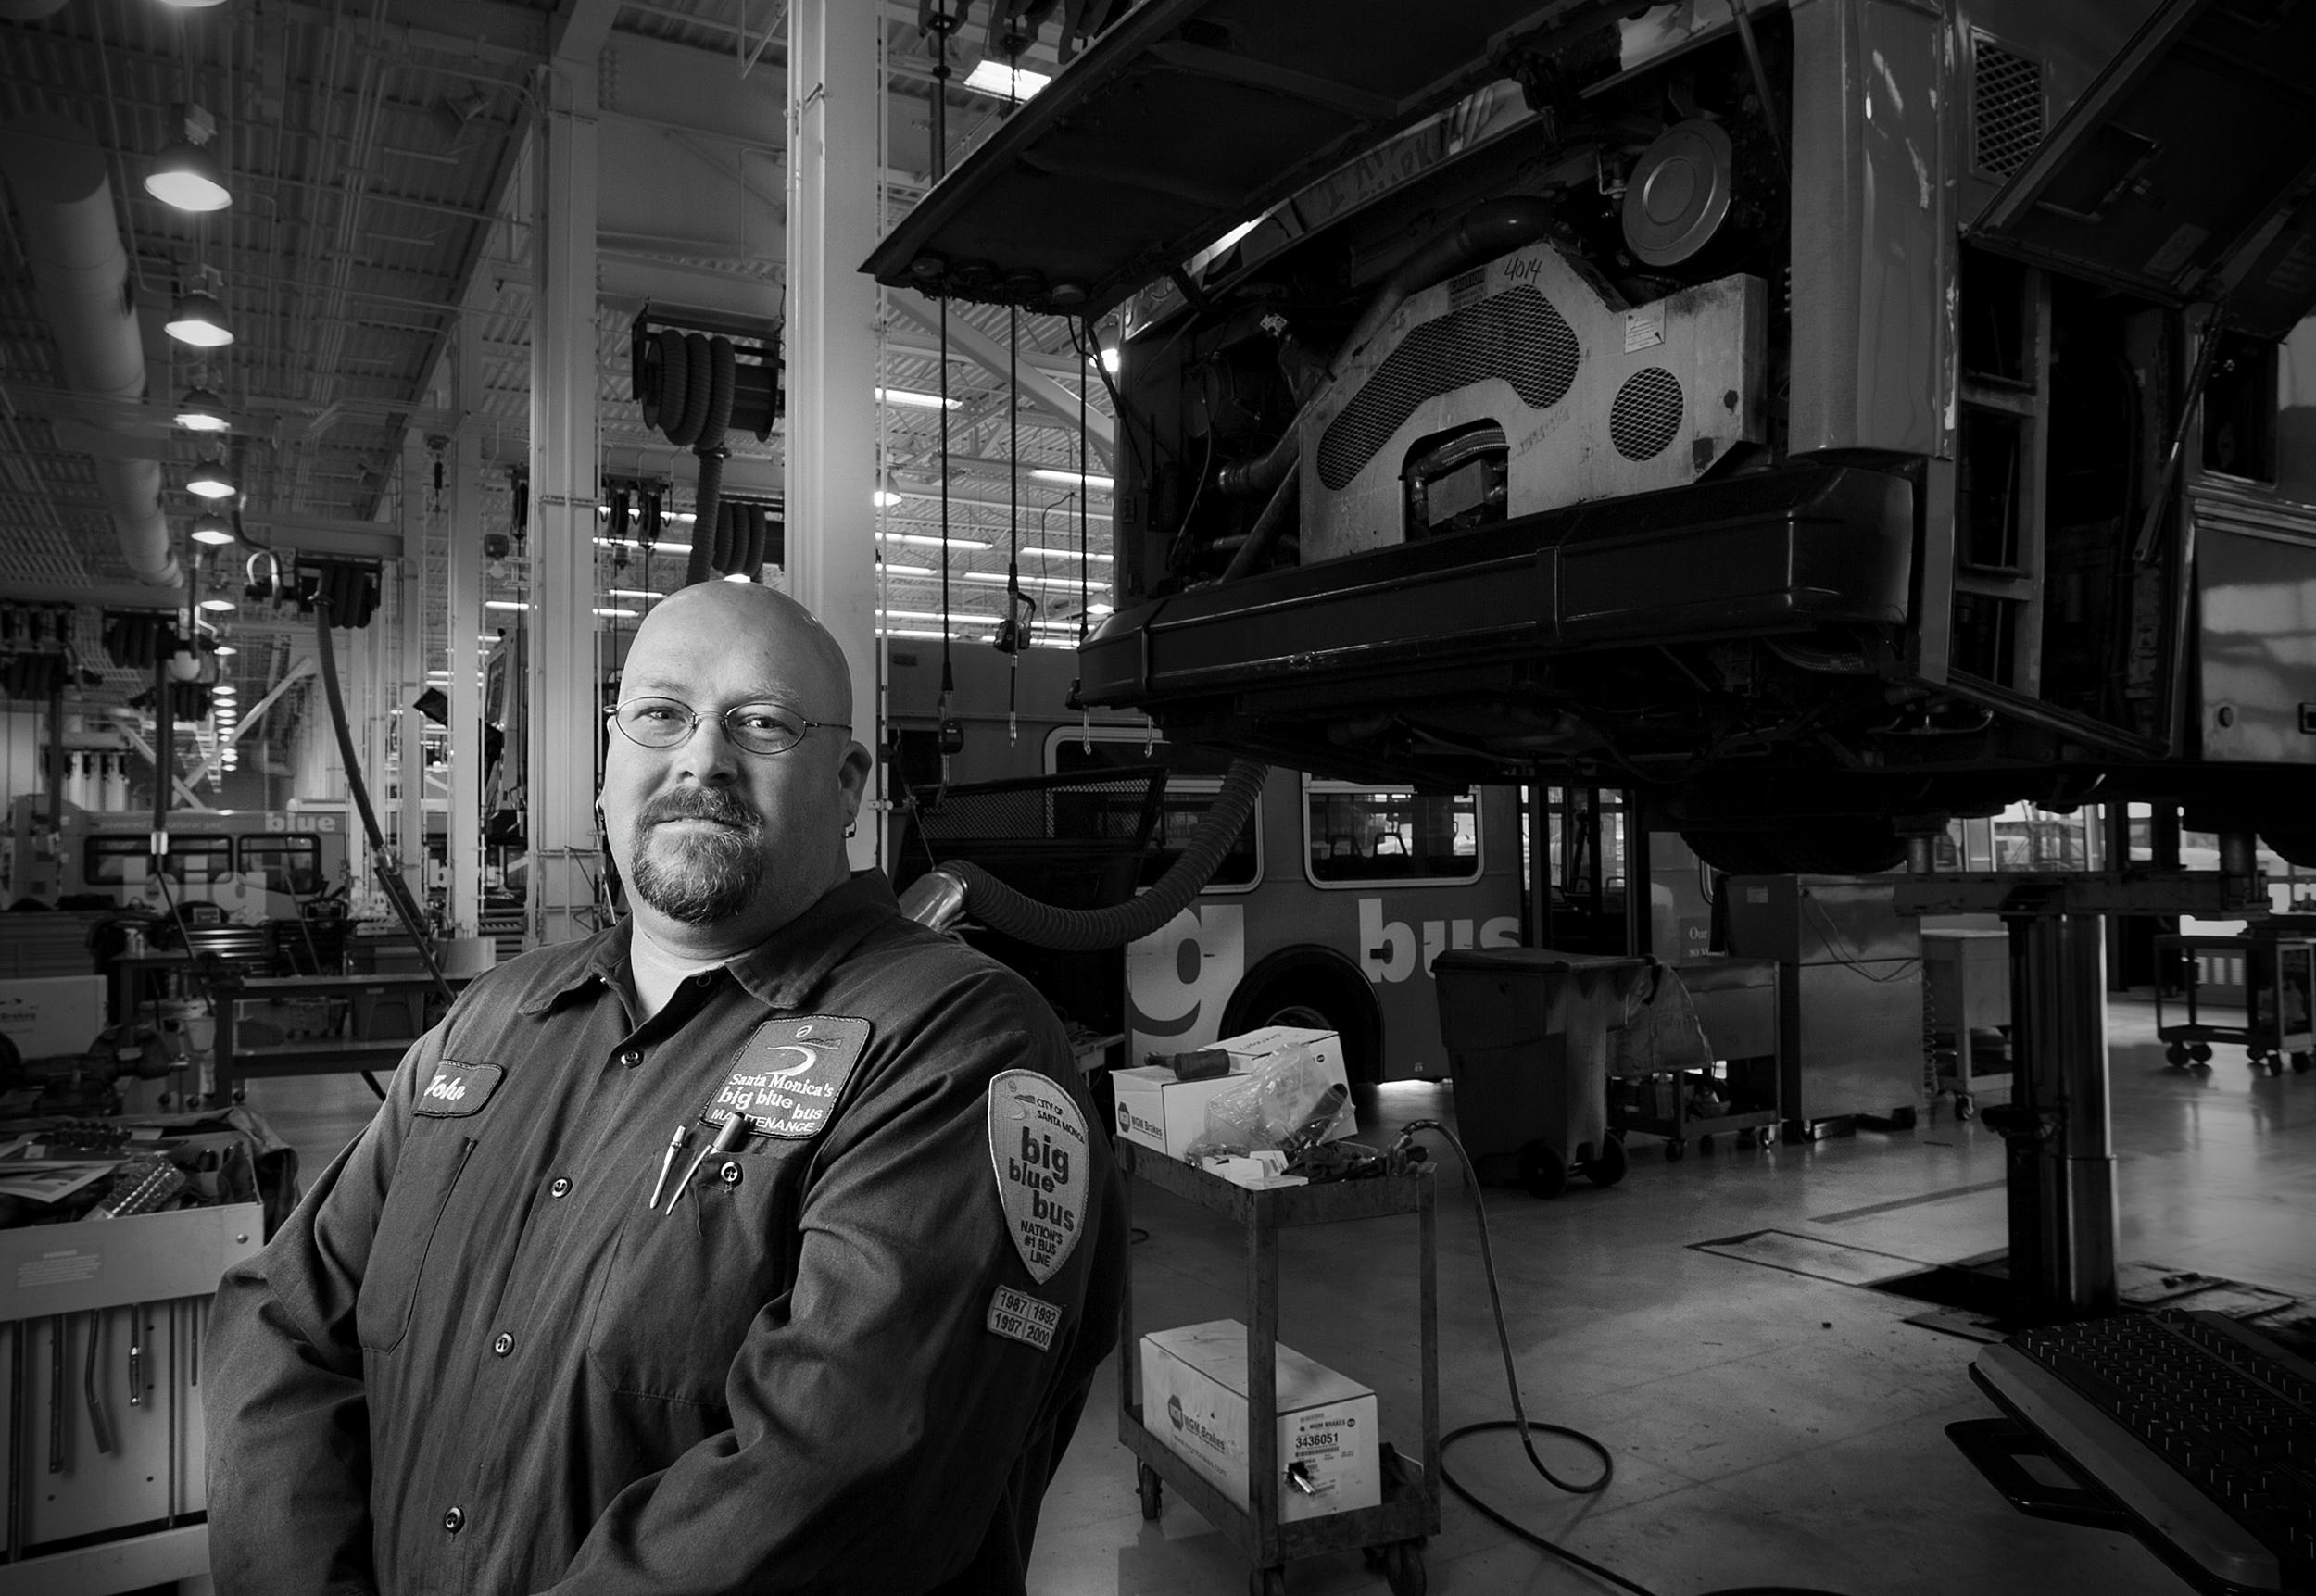 Big Blue Bus Mechanic by Kimball Hall